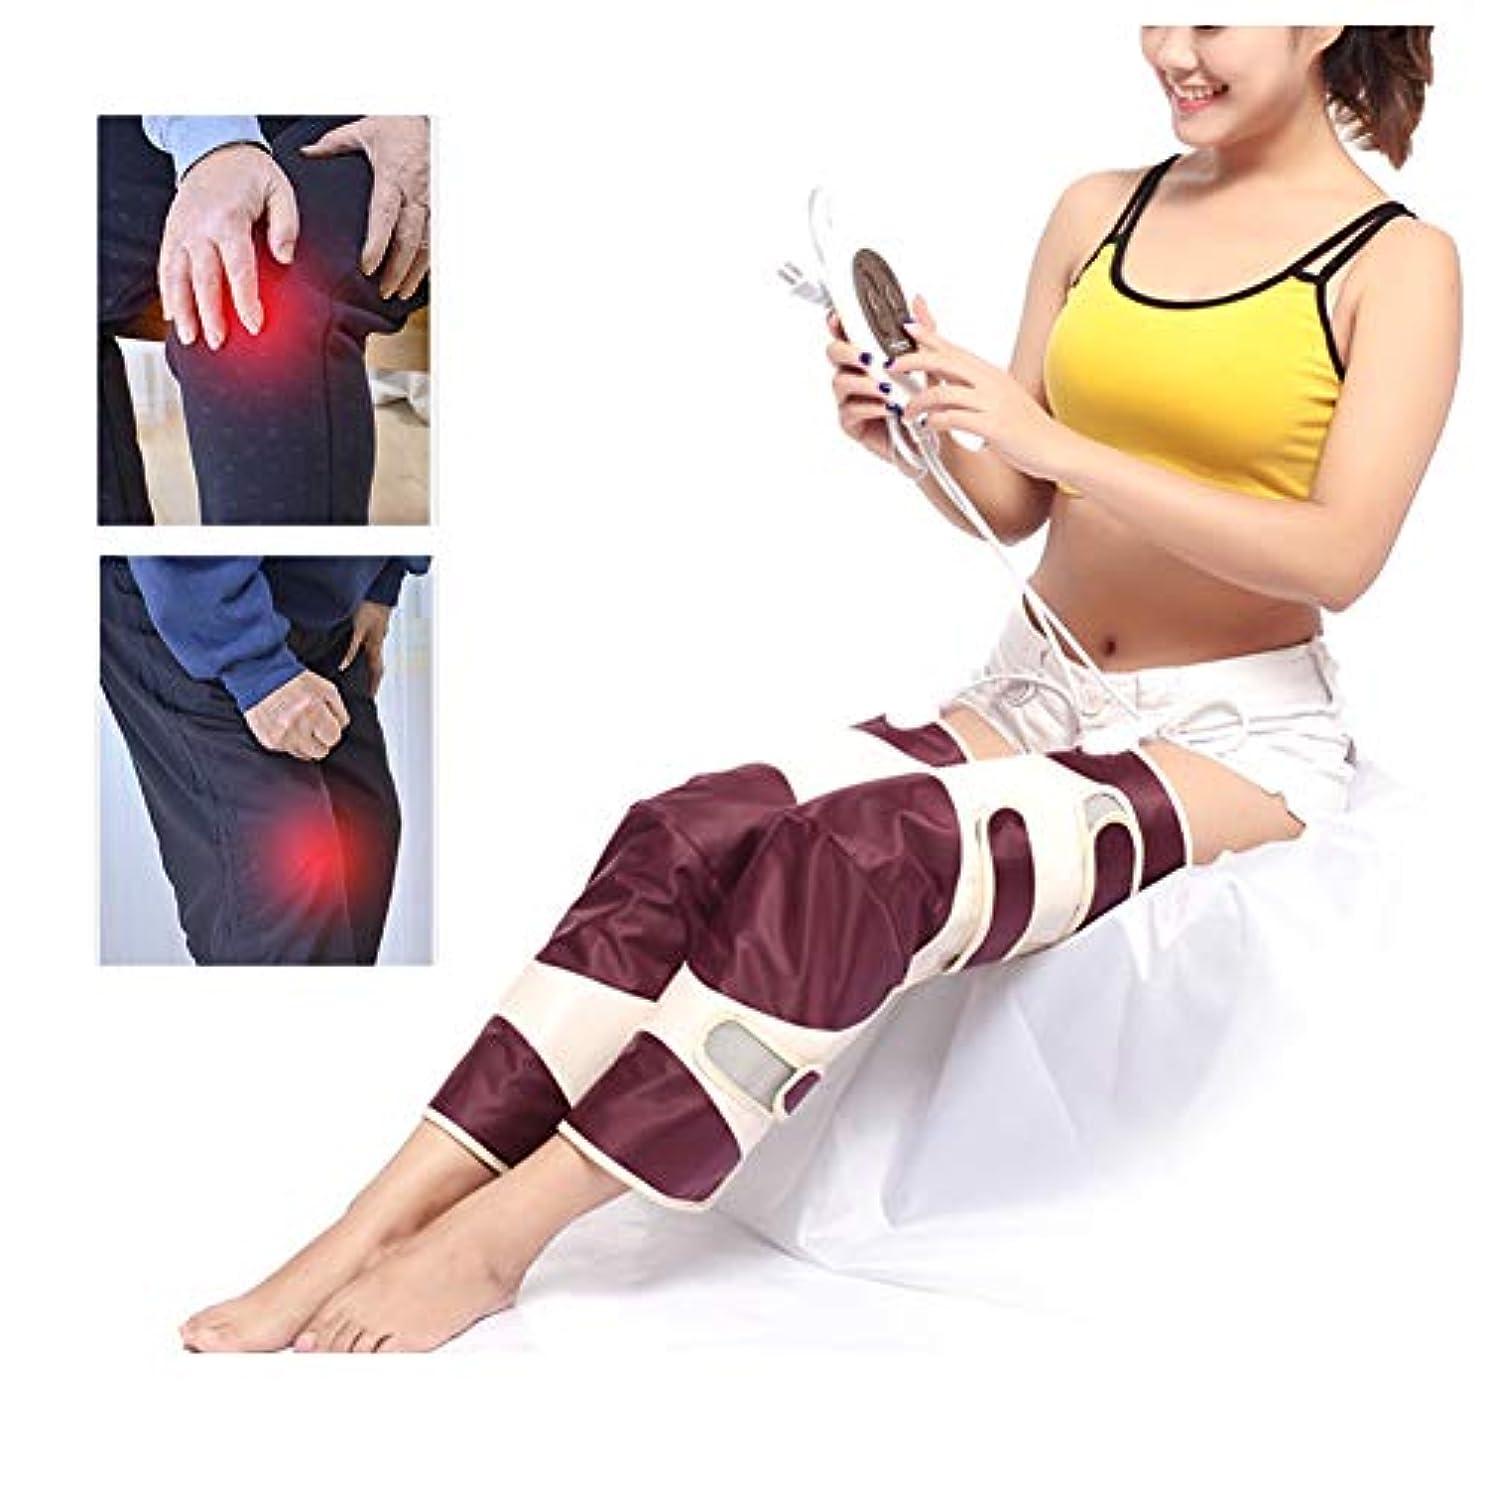 注釈スライム減る関節炎の痛みのための電気加熱膝パッド加熱膝ブレース遠赤外線治療マッサージャー